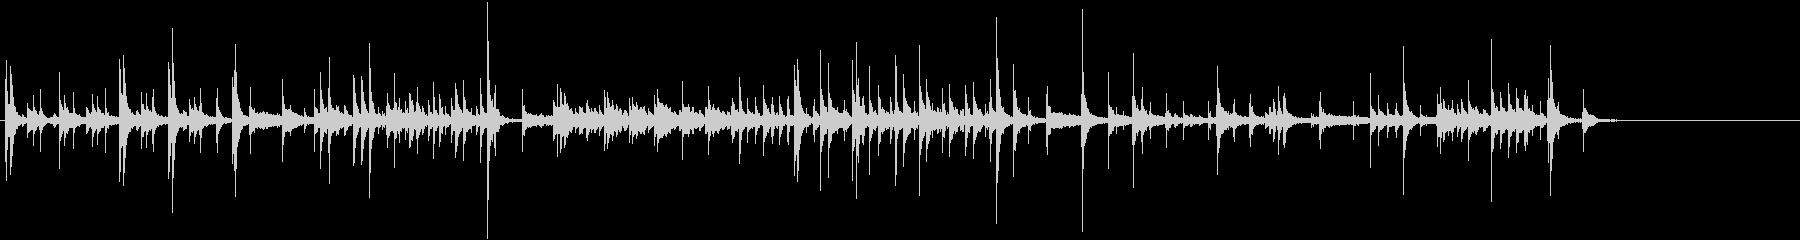 アコースティックドラムセット:ロッ...の未再生の波形